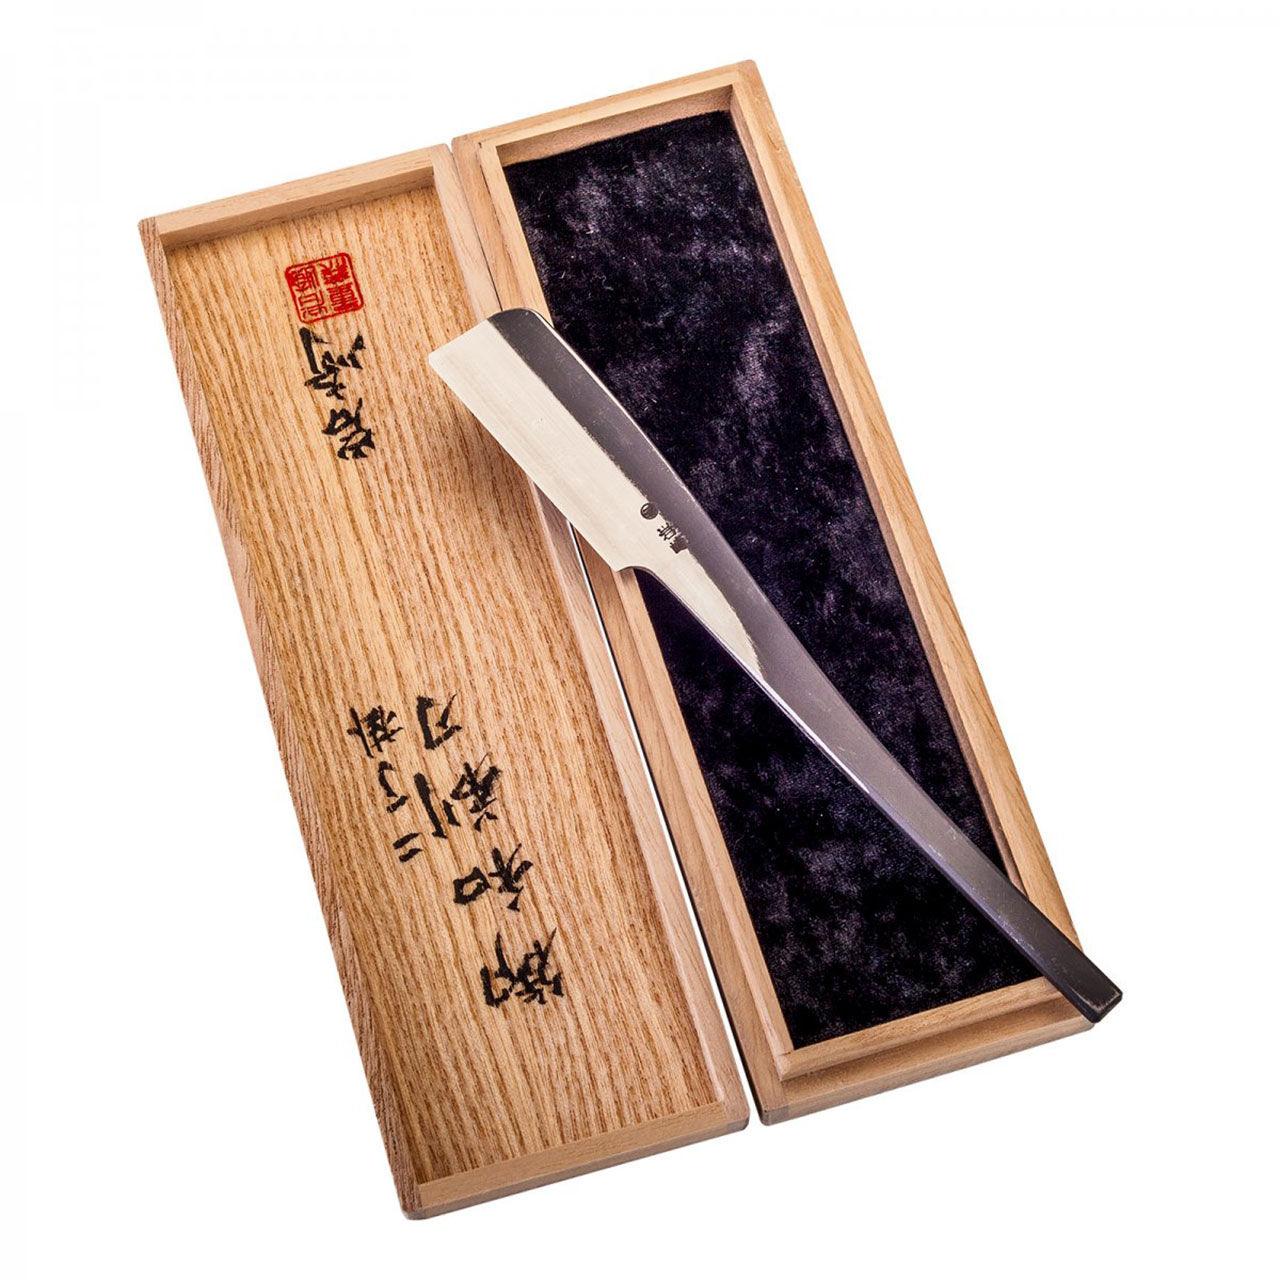 Den här rakkniven kostar 20 000 kronor